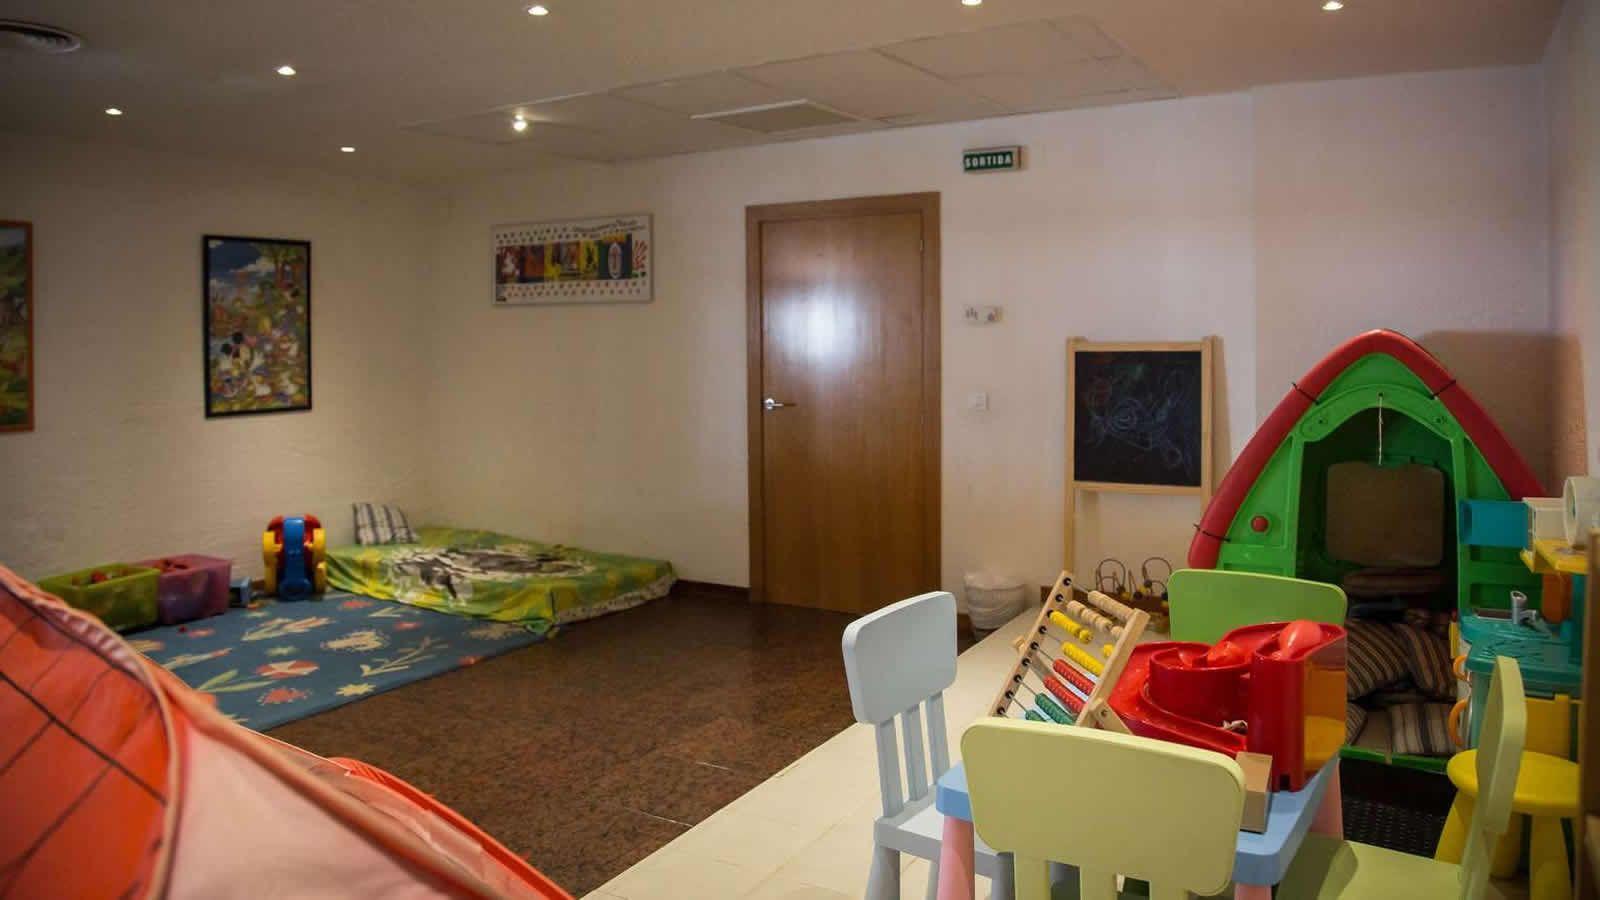 Activitats a l'hotel Sant Carles de la Ràpita, Alcanar, delta de l'Ebre